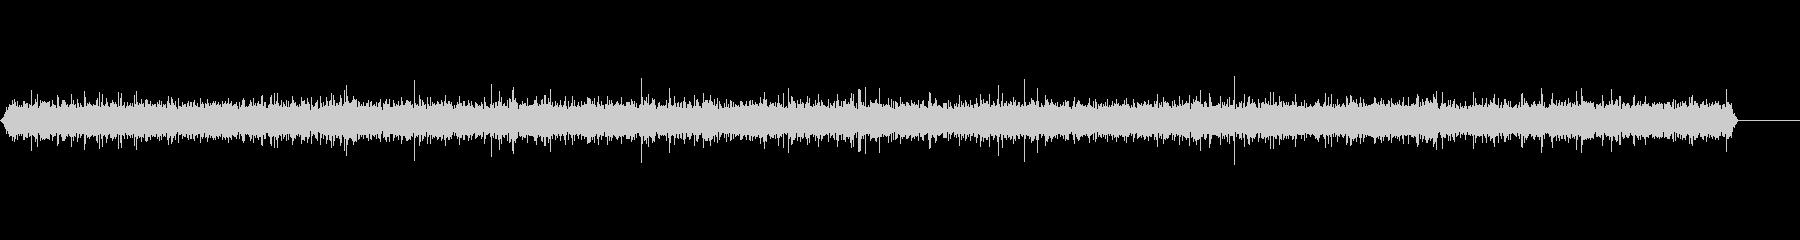 閉電流1の未再生の波形